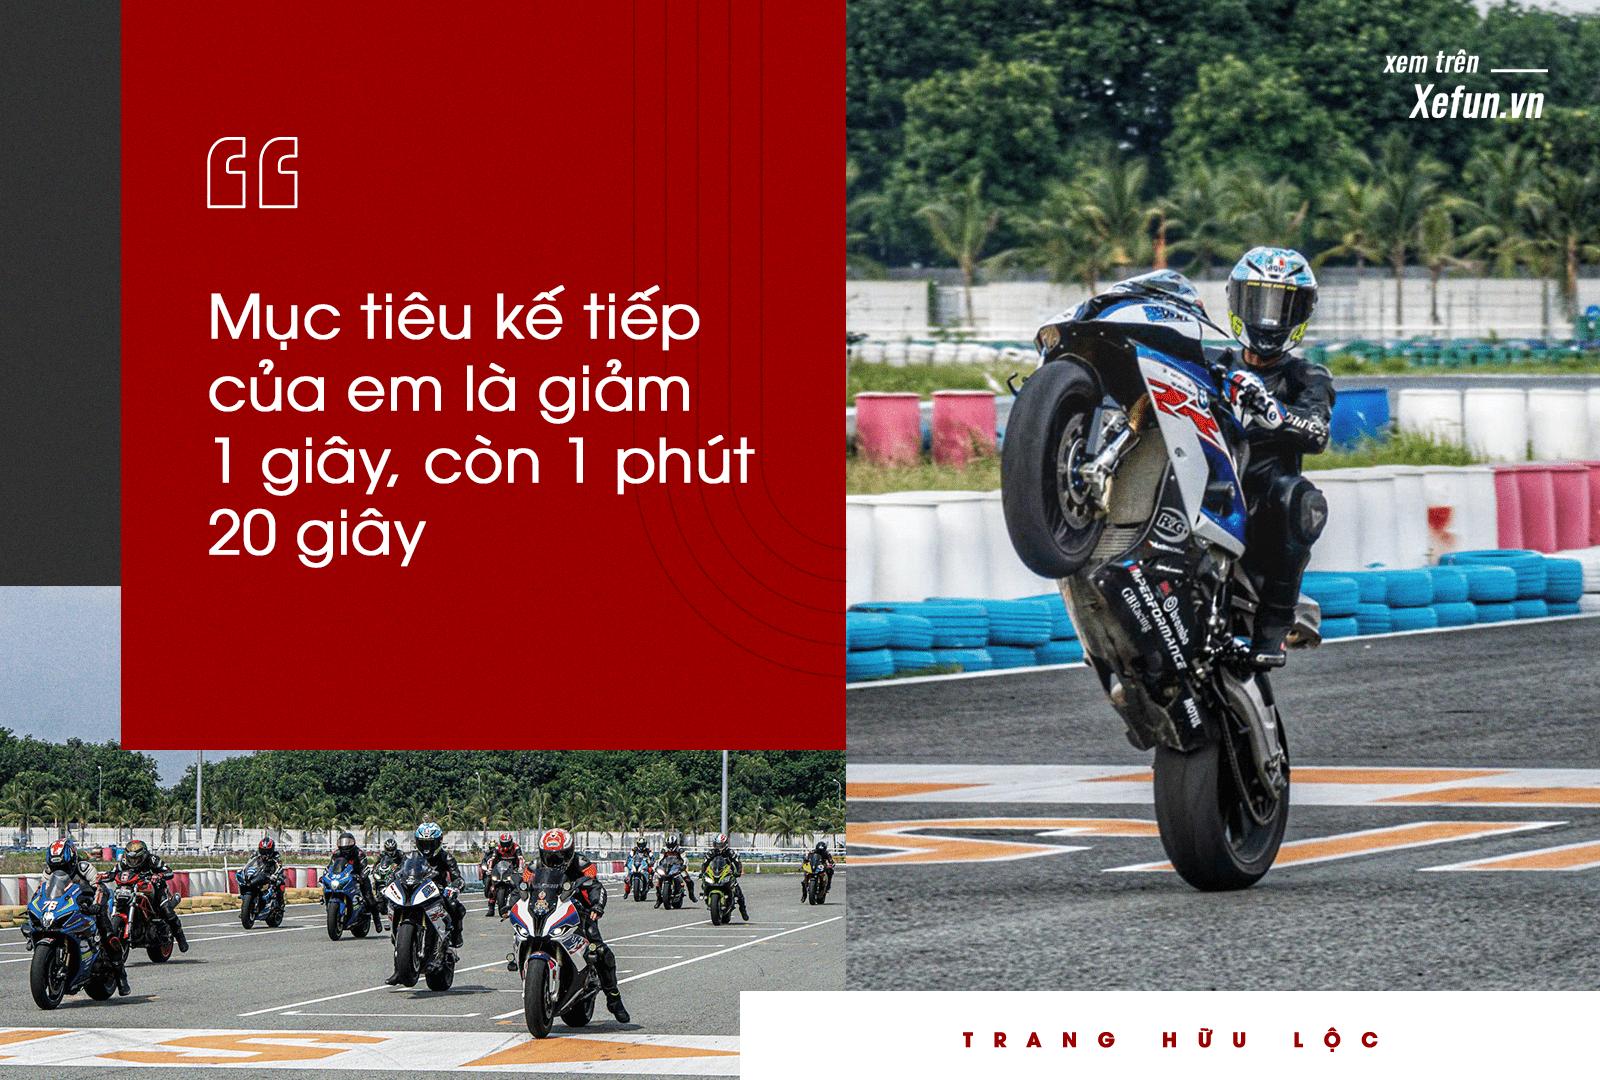 Trang Hữu Lộc thành tích 1 phút 21 giây chỉ trong 20 vòng chạy trường đua Đại Nam hệ 1000cc BMW S1000RR Xefun (1)-min536